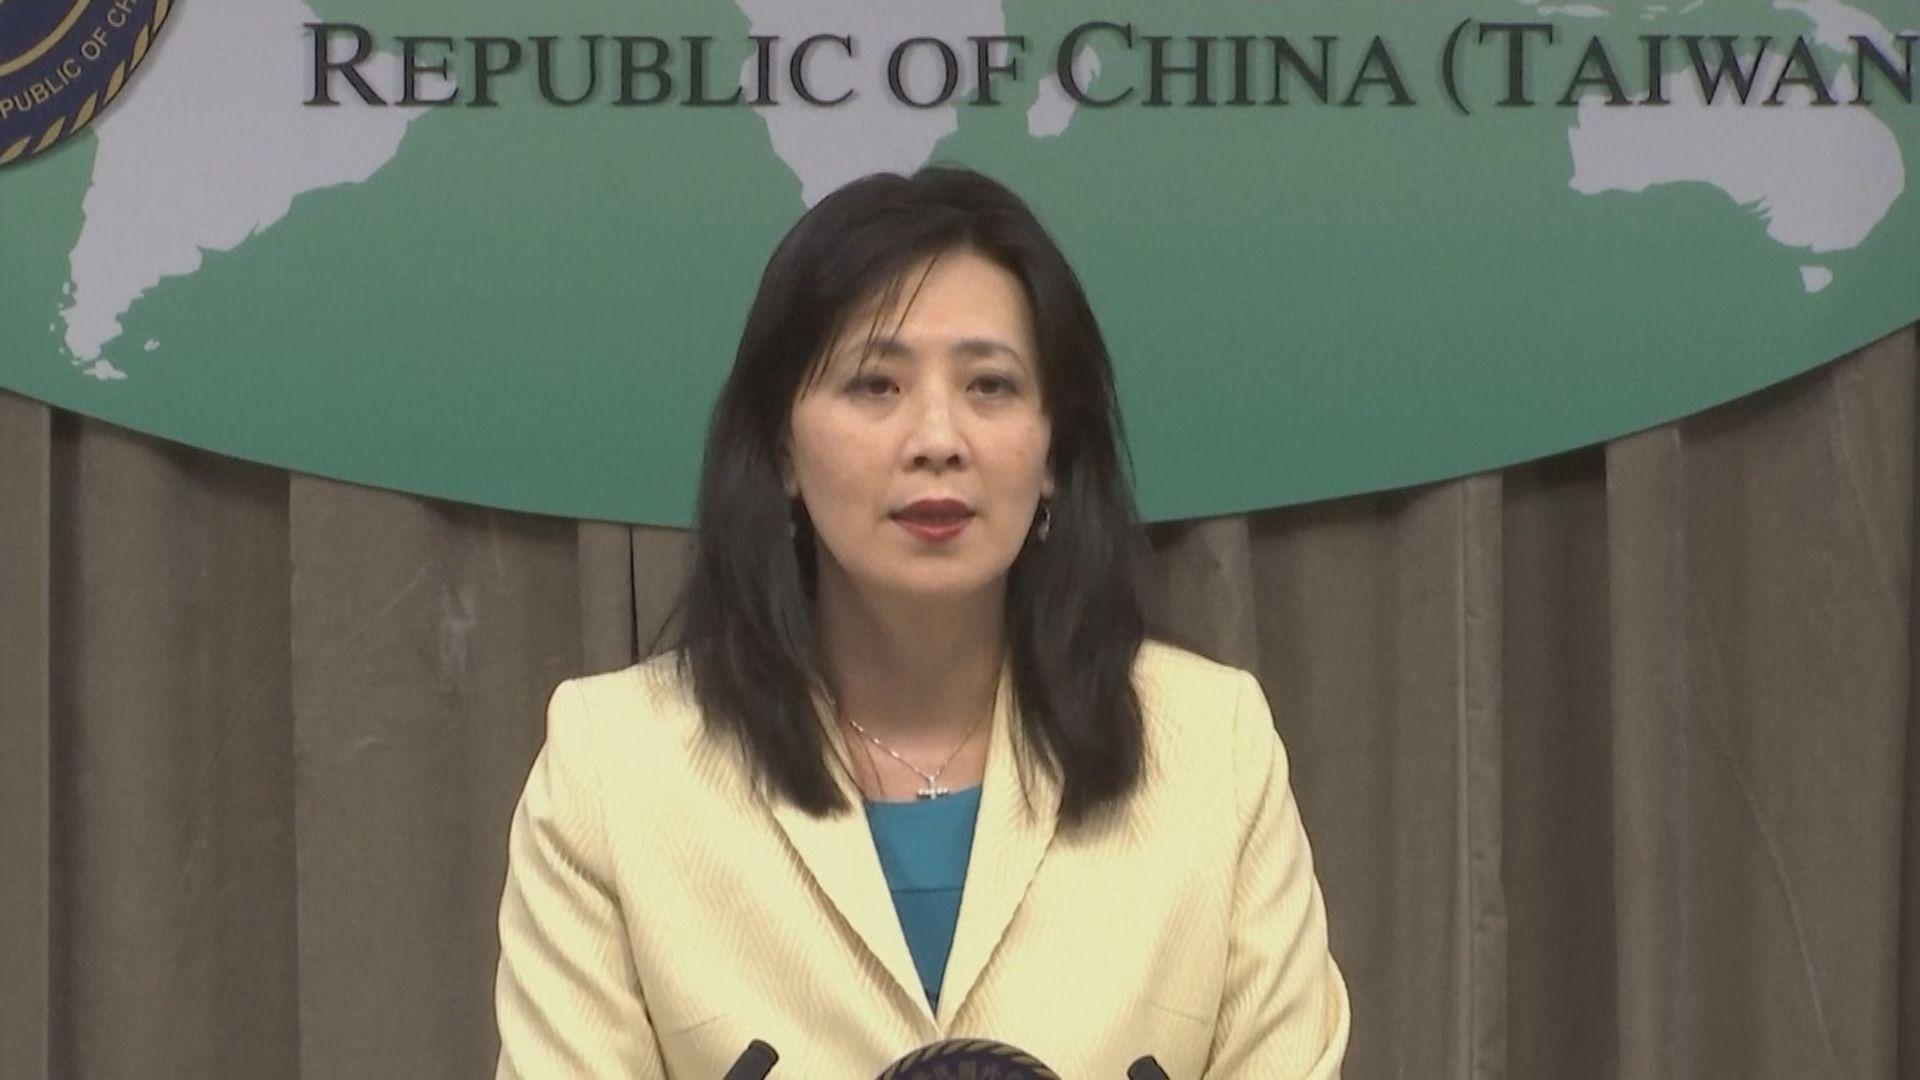 菲律賓對台灣頒布入境禁令 台灣敦促菲律賓改變決定